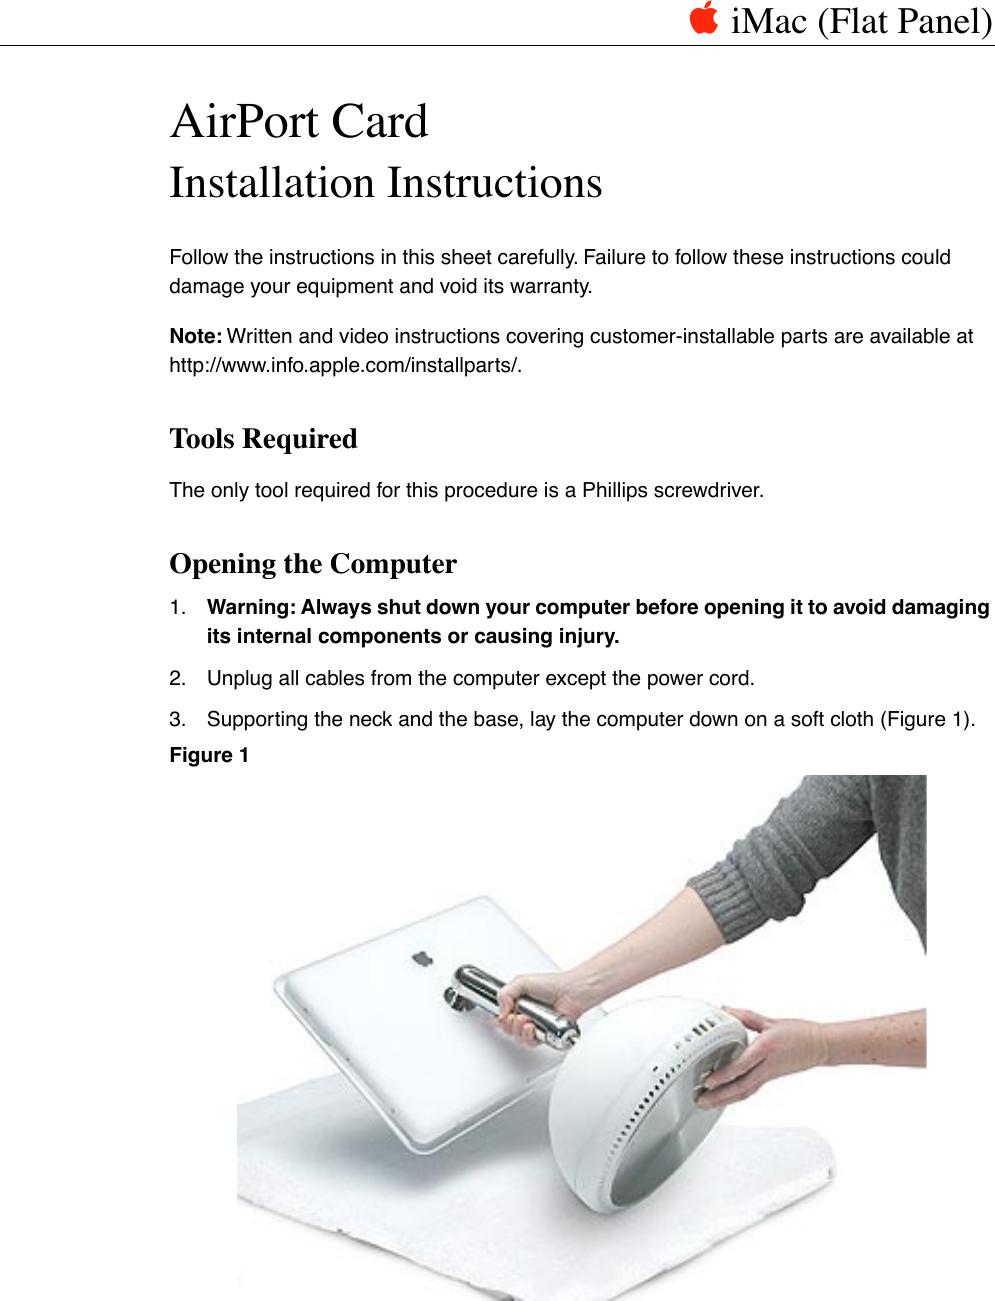 apple imac flatpanel user manual i mac flat panel air port card rh usermanual wiki mac air user manual mac air user guide 2017